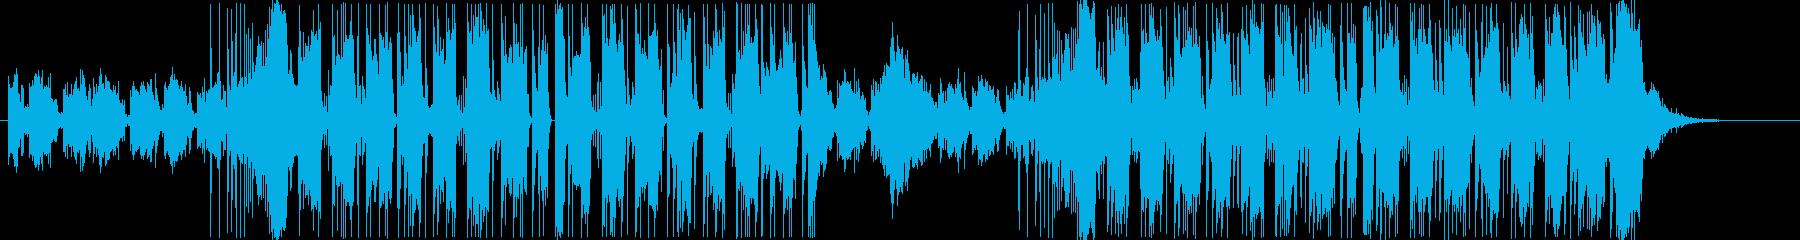 近未来的なシンセサウンドの再生済みの波形